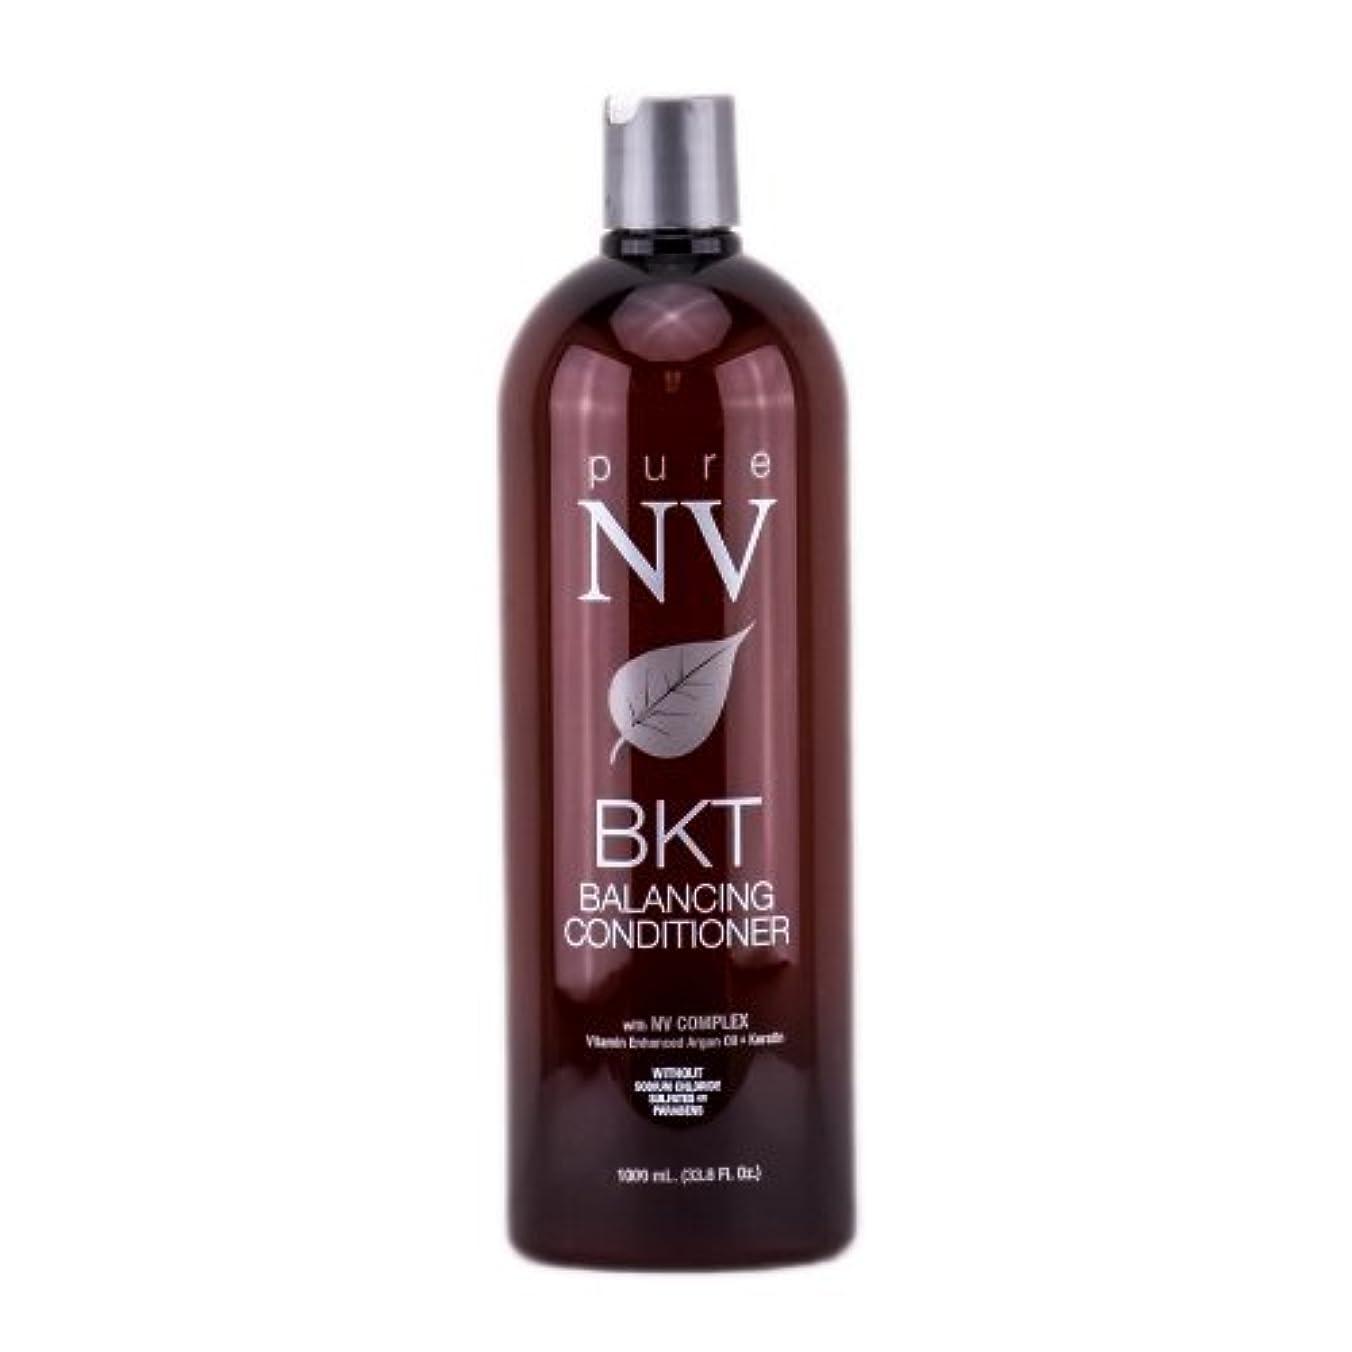 クール効能執着Pure NV BKT バランシングコンディショナー - 33.8オンス レッド-301